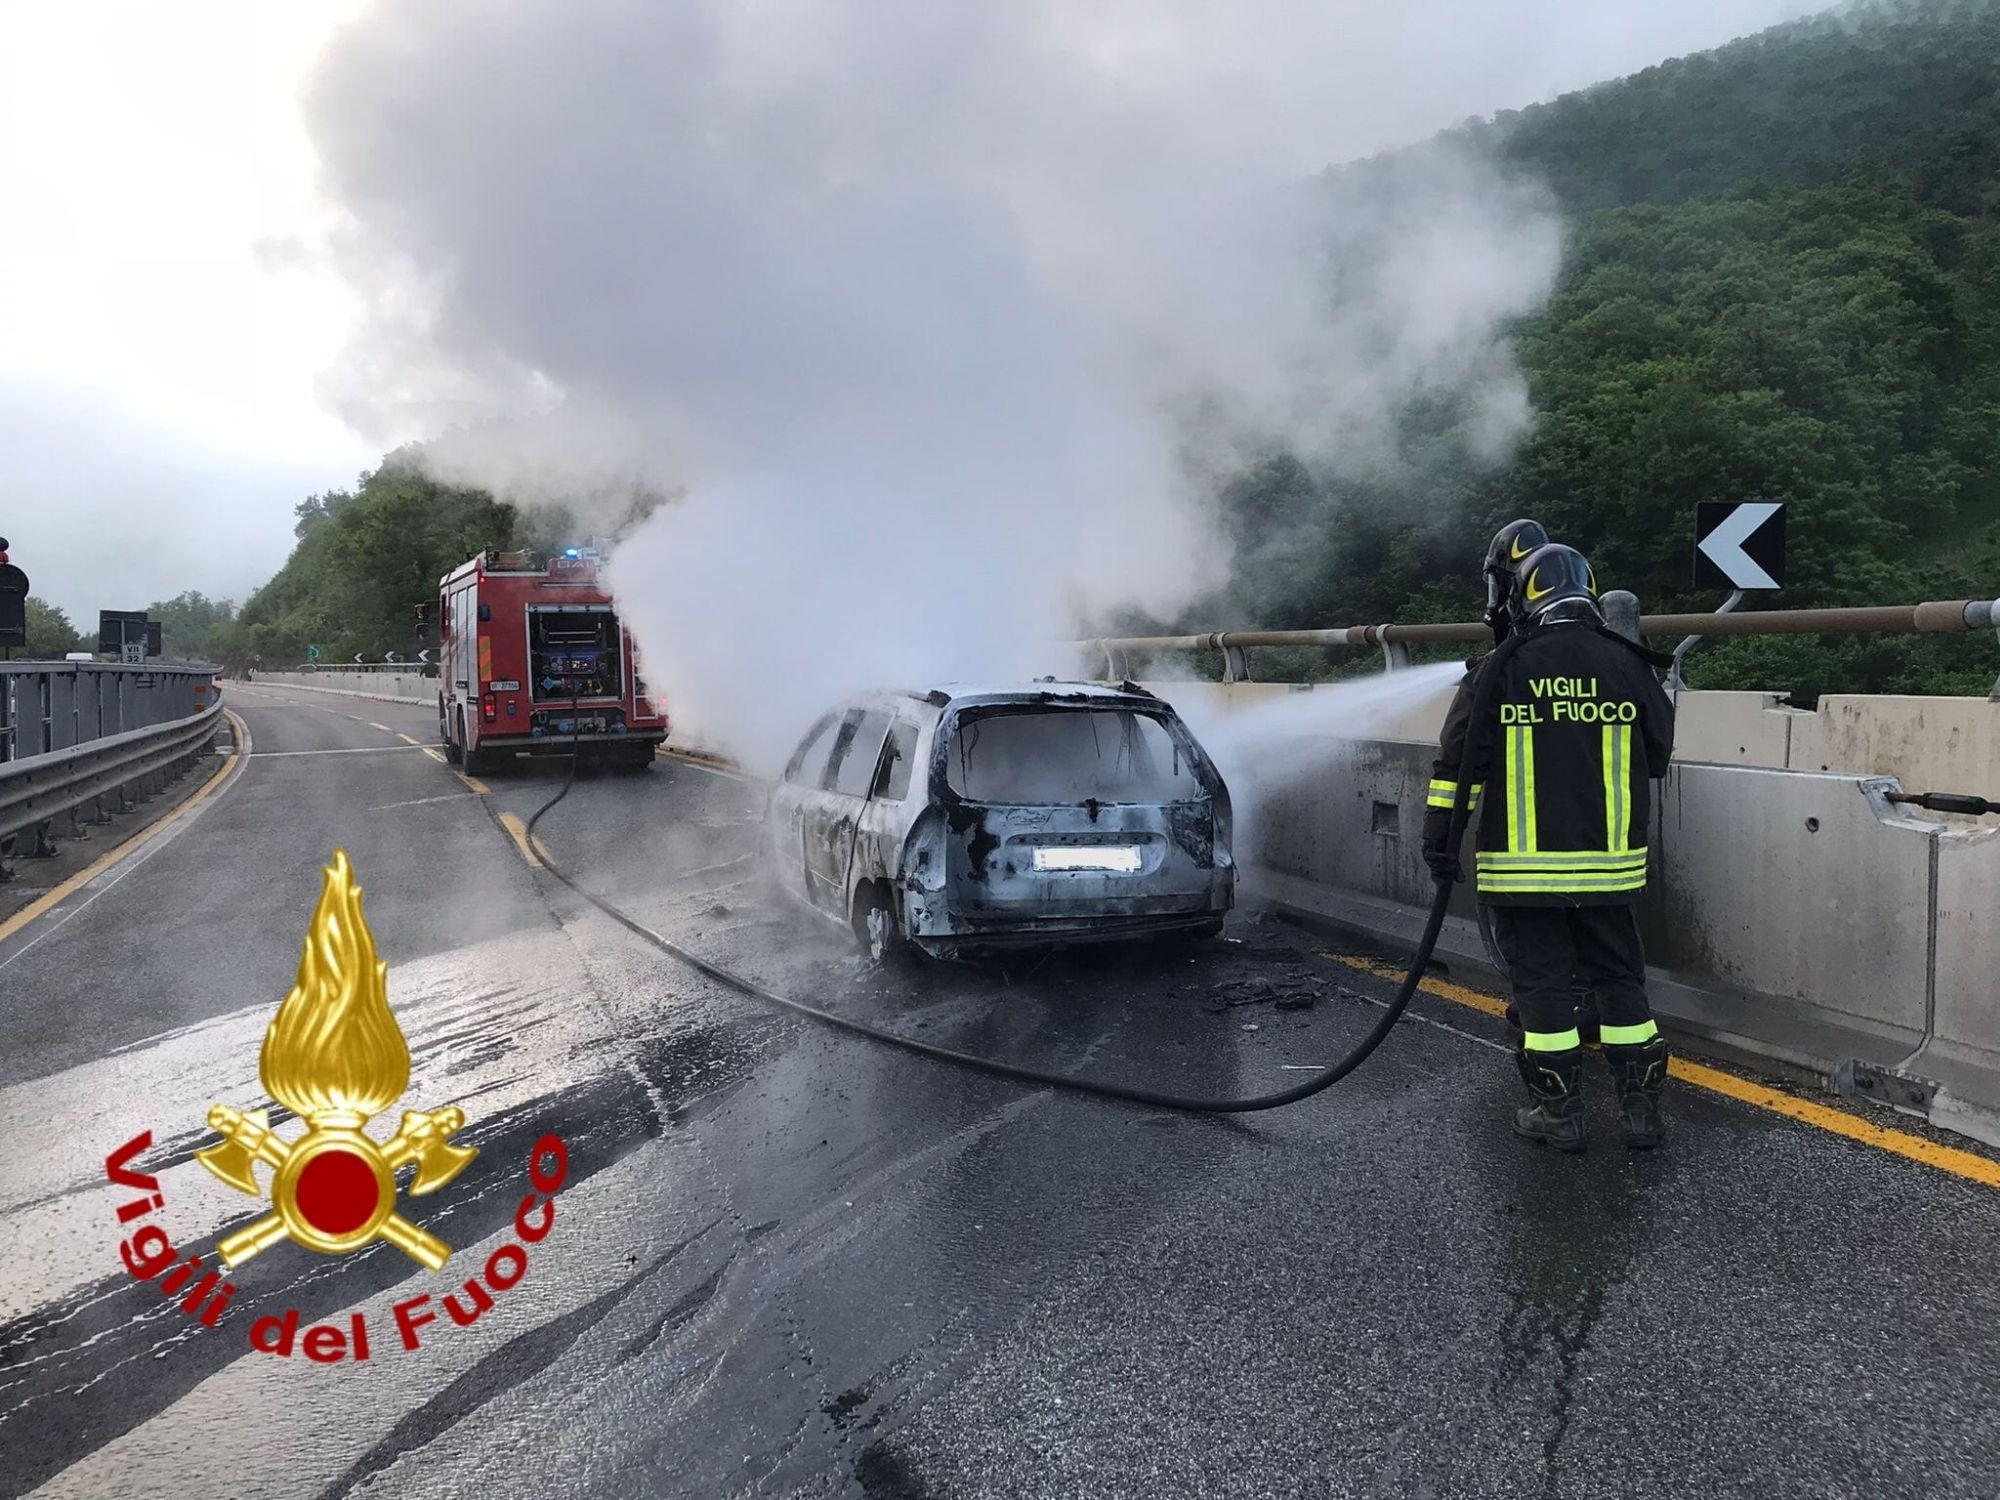 Paura sull'A16: in fiamme un'auto. Salvi 4 operai